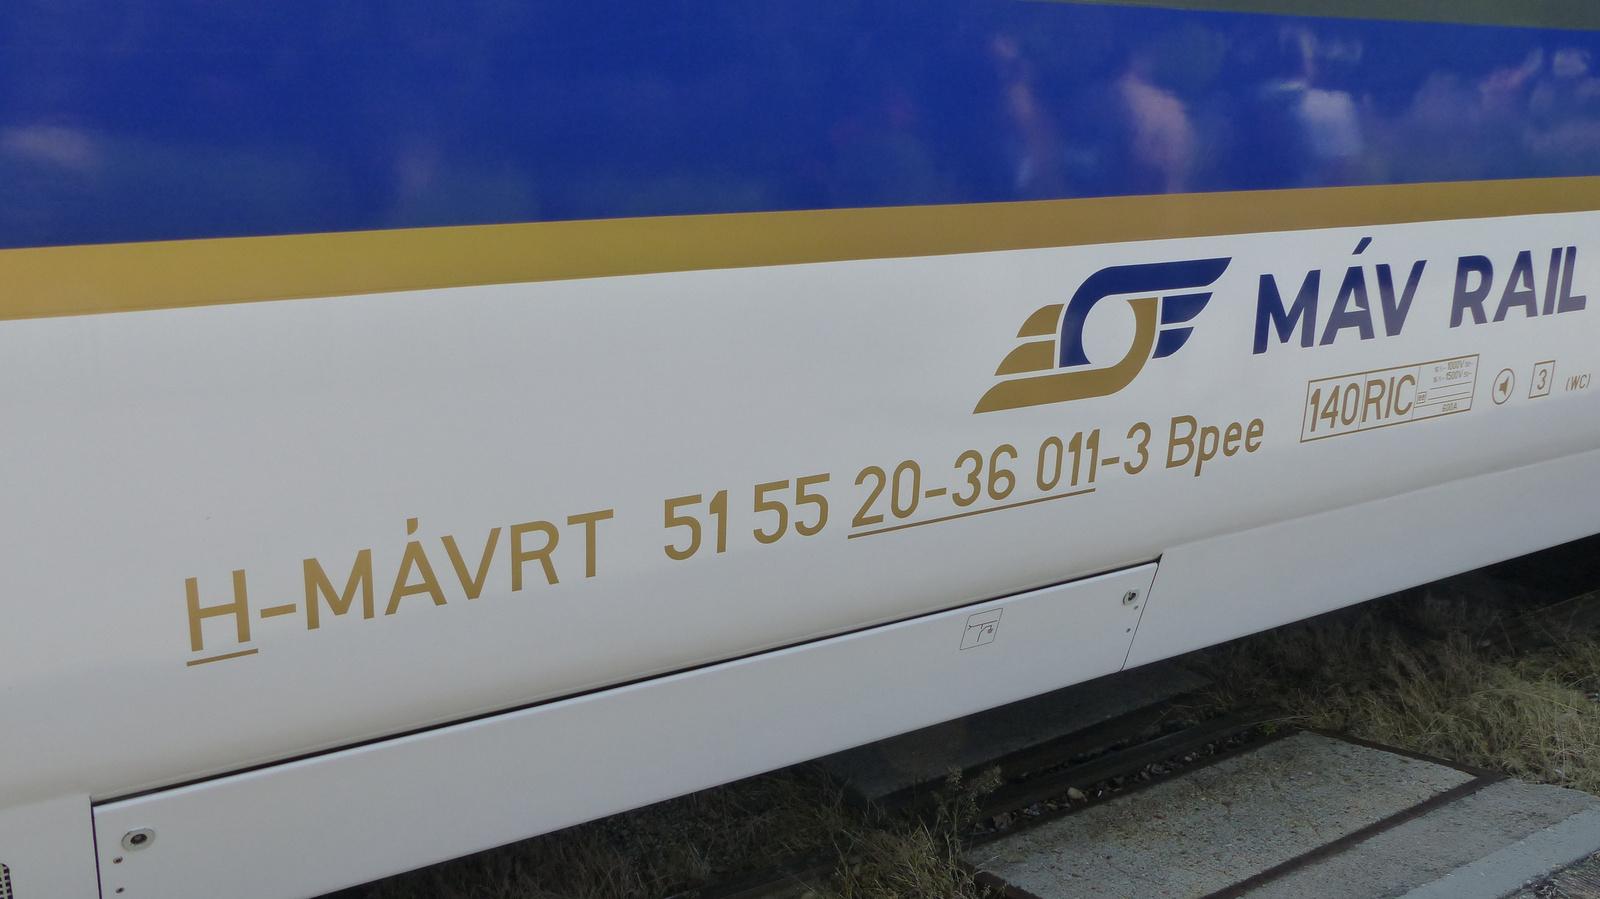 H-MÁVRT 51 55 20-36 011-3, Bpee, SzG3